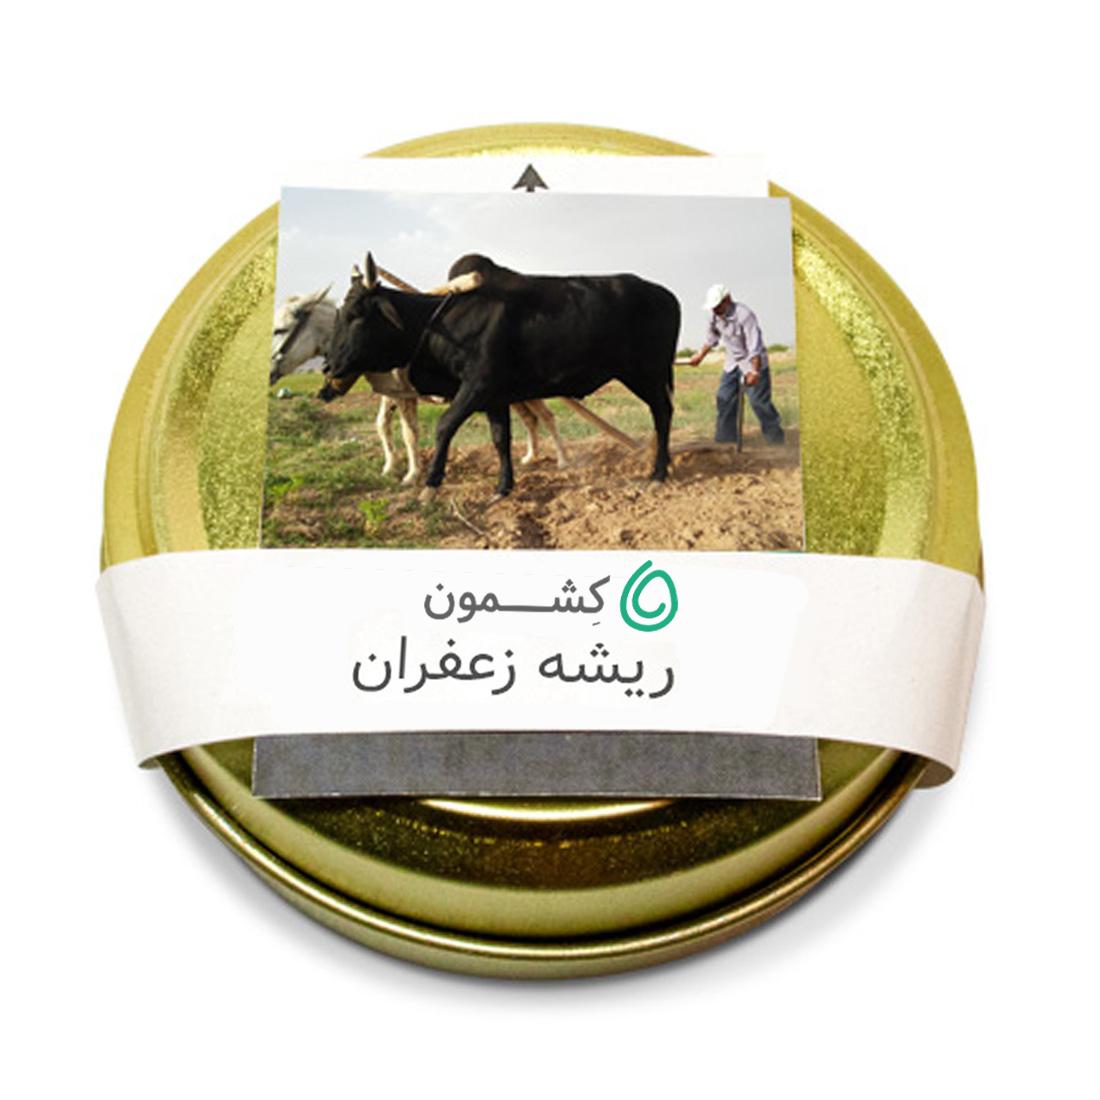 ریشه زعفران کشمون حسن ممّد عبدالله- ۴.۶ گرم